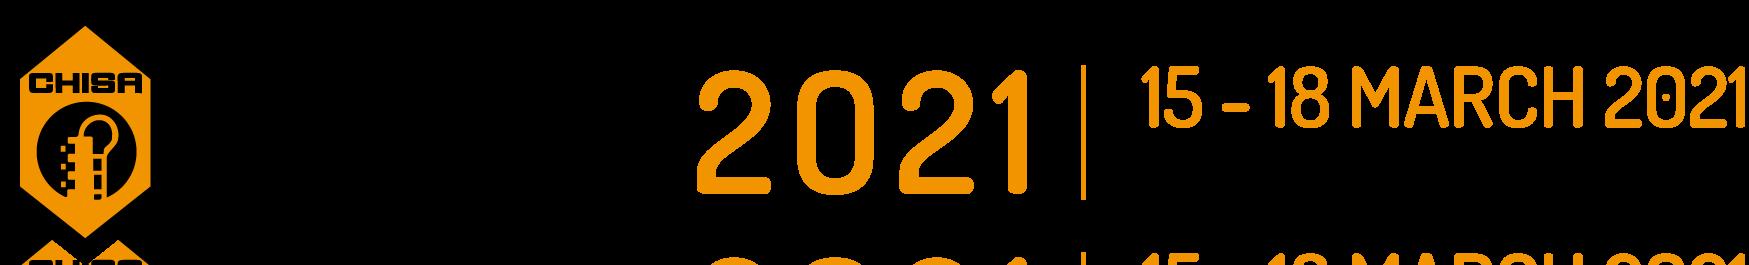 chisa 2021 web logo do zahlavi